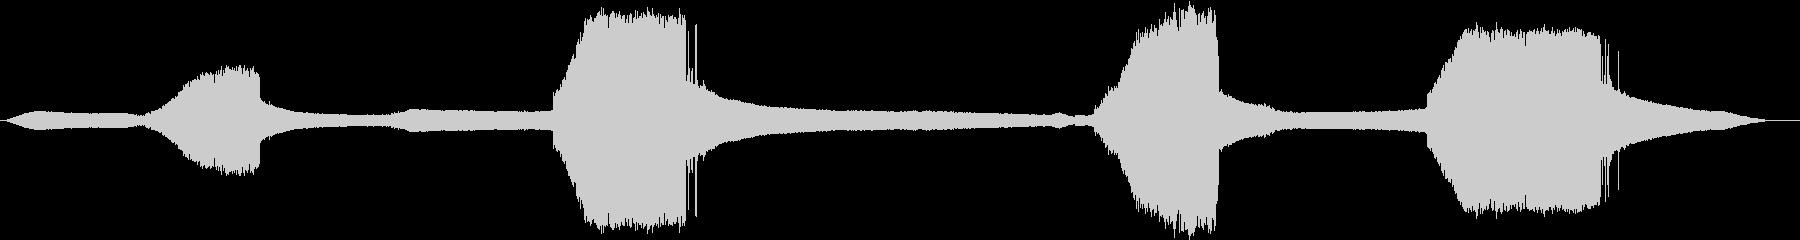 セミラチェットのうねり、単一の近い...の未再生の波形